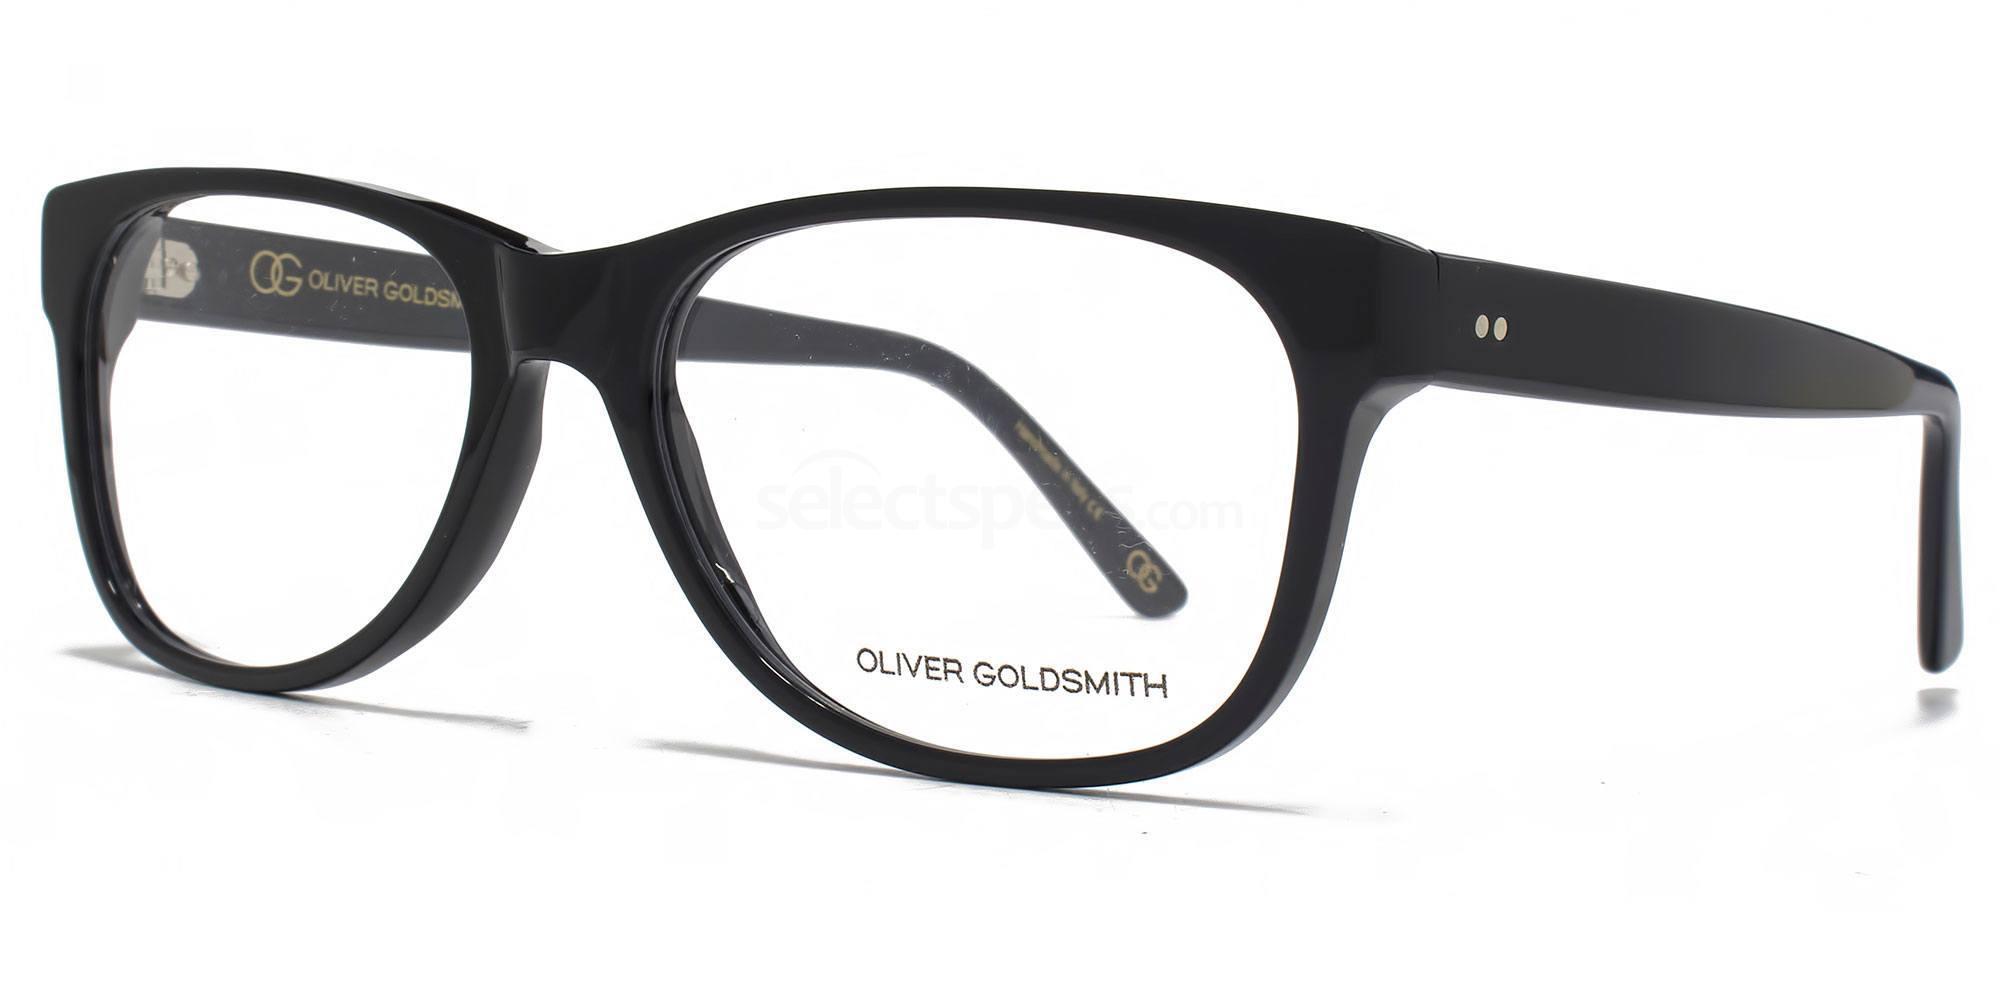 01 OLI008 - ZOOM Glasses, Oliver Goldsmith